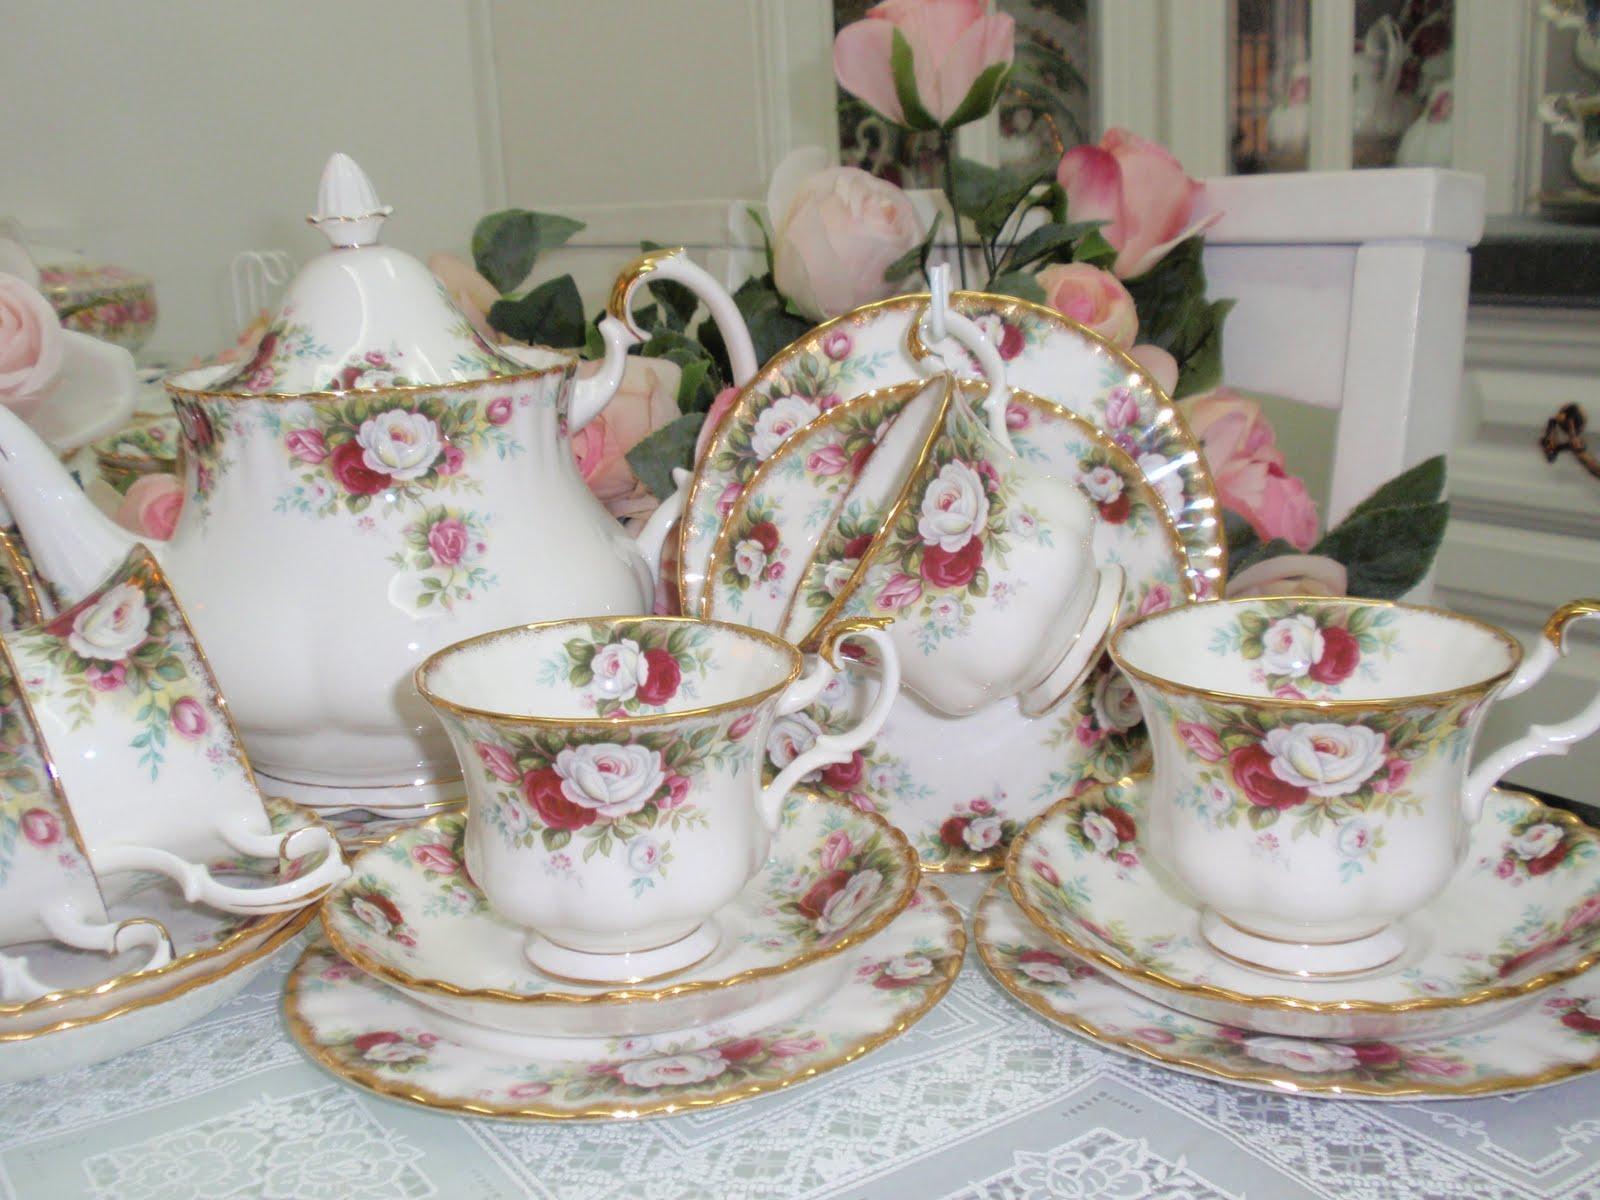 Lovely Treasures From English Garden Royal Albert Celebration